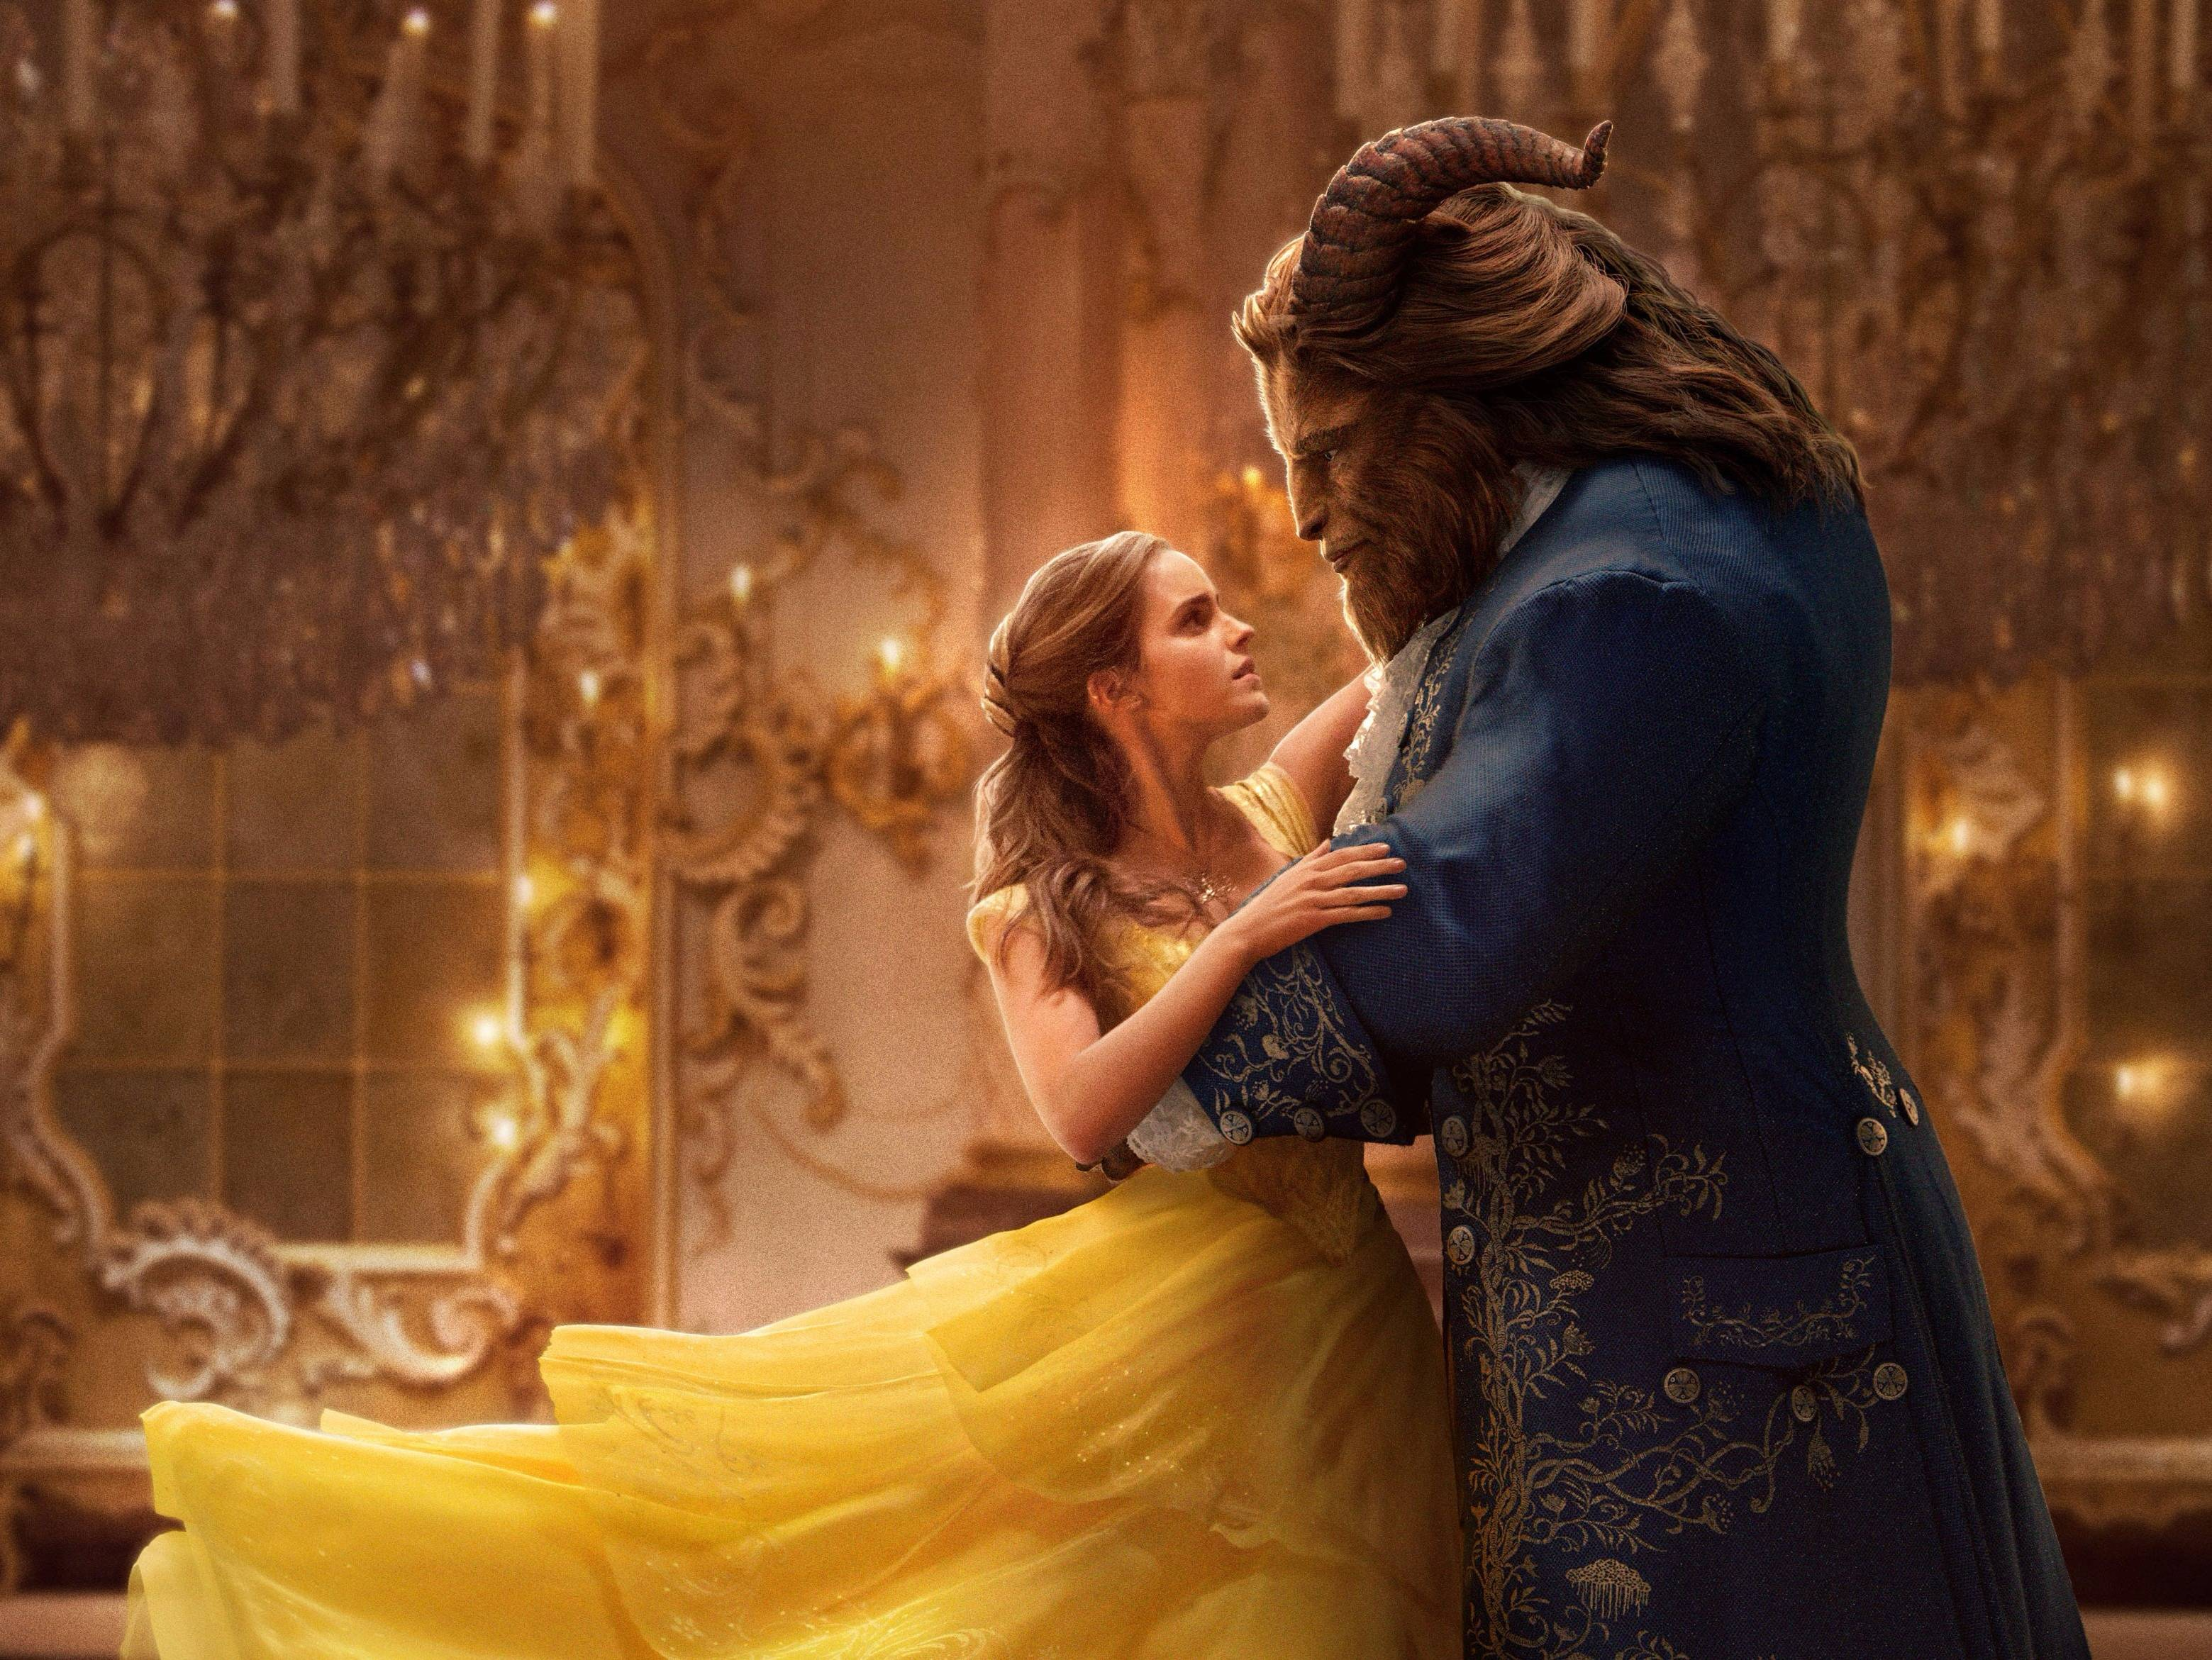 宣扬斯德哥尔摩症候群 人兽恋 我们看的是同一部 美女与野兽 吗